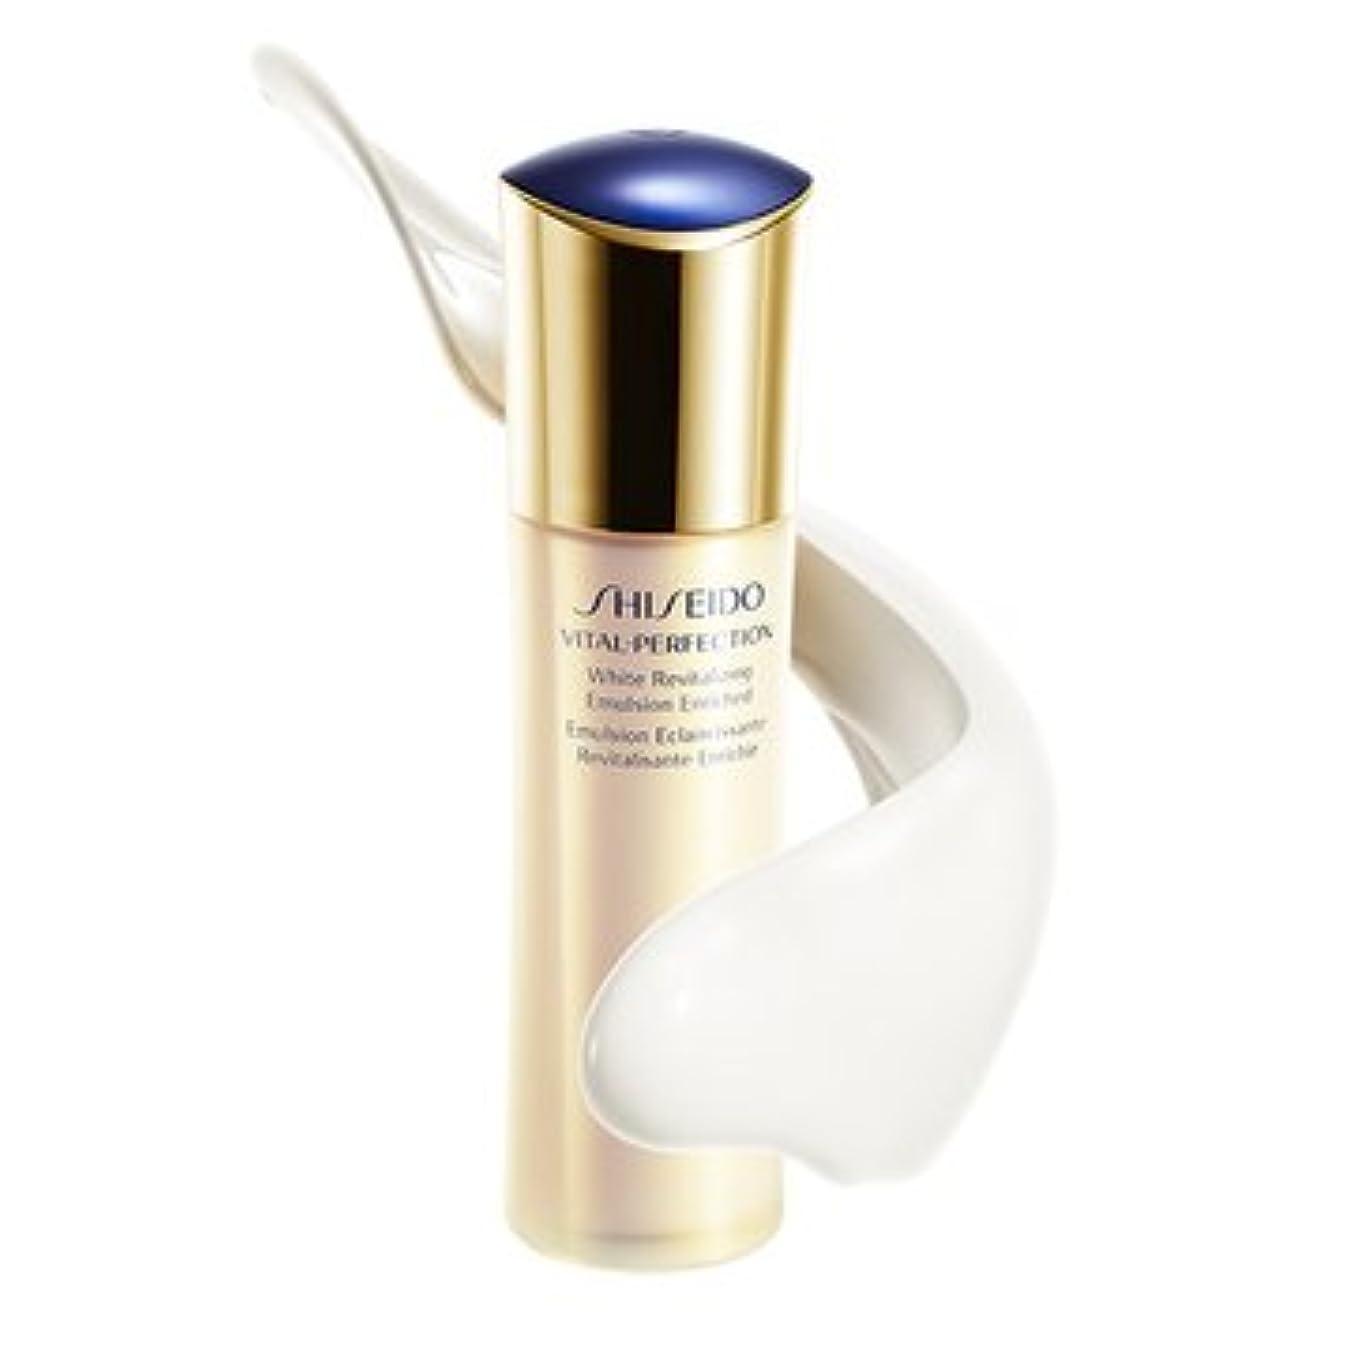 解決コミュニティティッシュ資生堂/shiseido バイタルパーフェクション/VITAL-PERFECTION ホワイトRV エマルジョン(医薬部外品)美白乳液